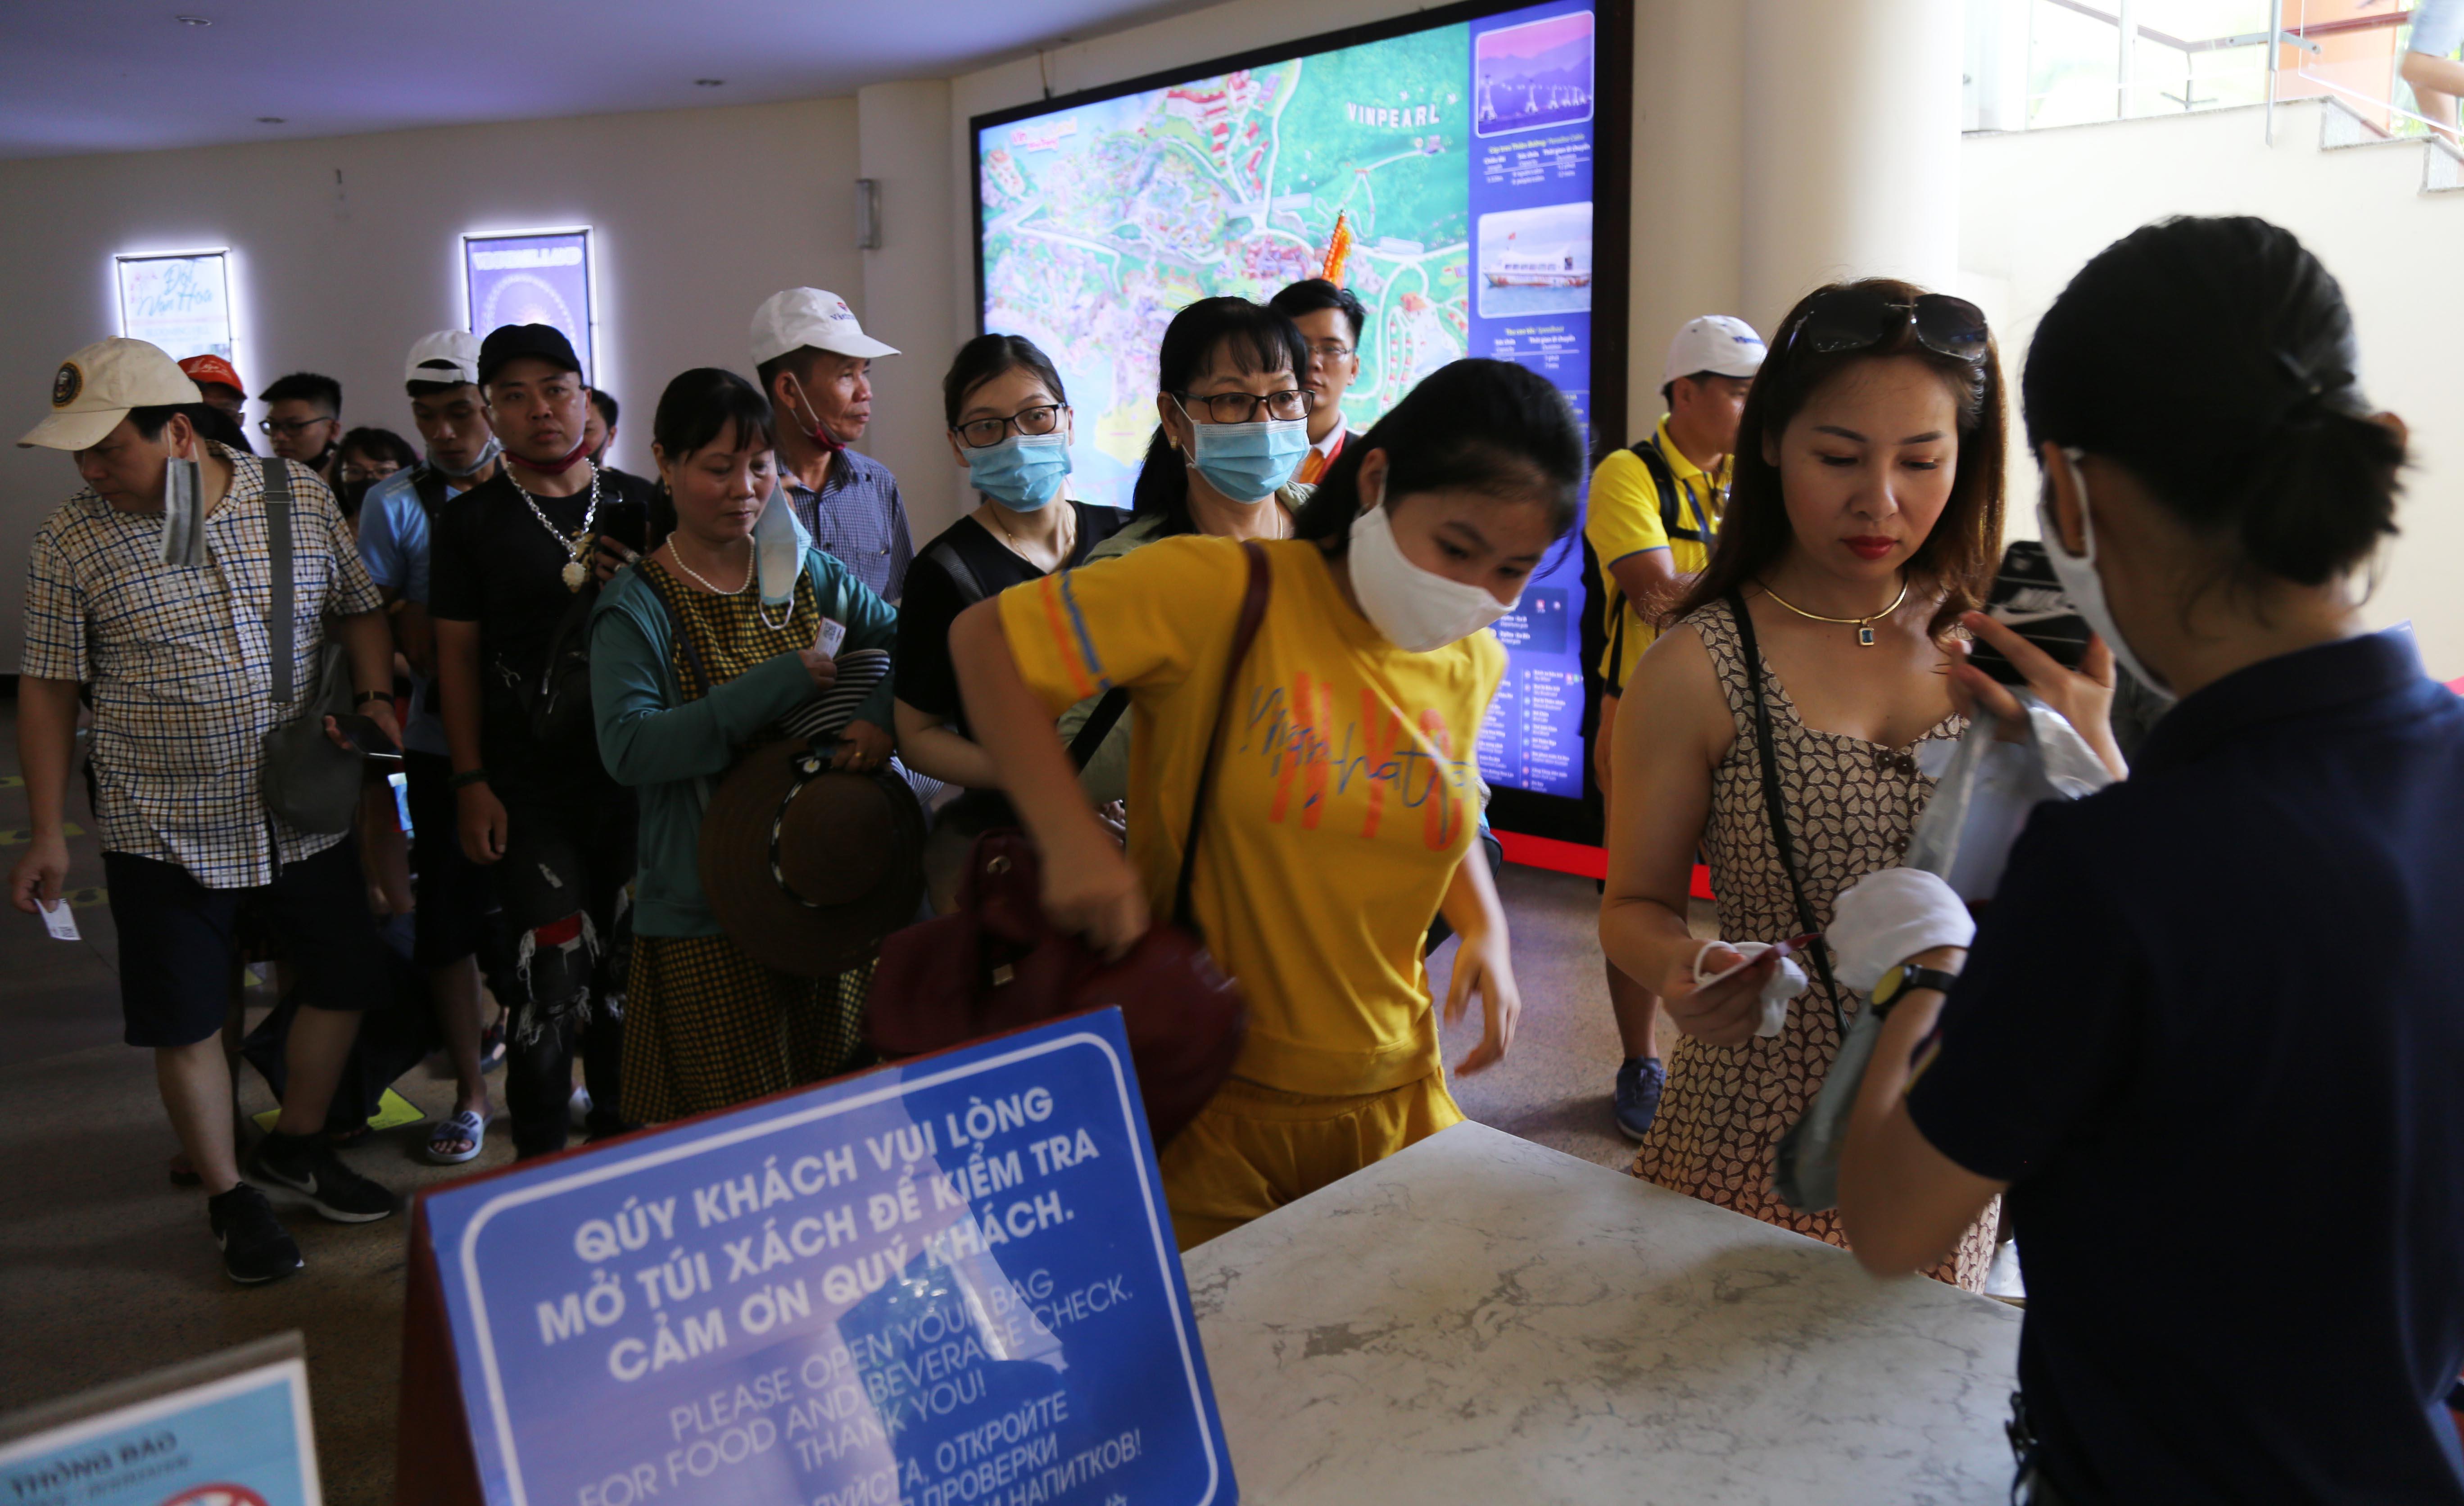 Du lịch Khánh Hòa: Doanh nghiệp 'nghẹt thở' vì dịch COVID-19 trở lại - Ảnh 1.